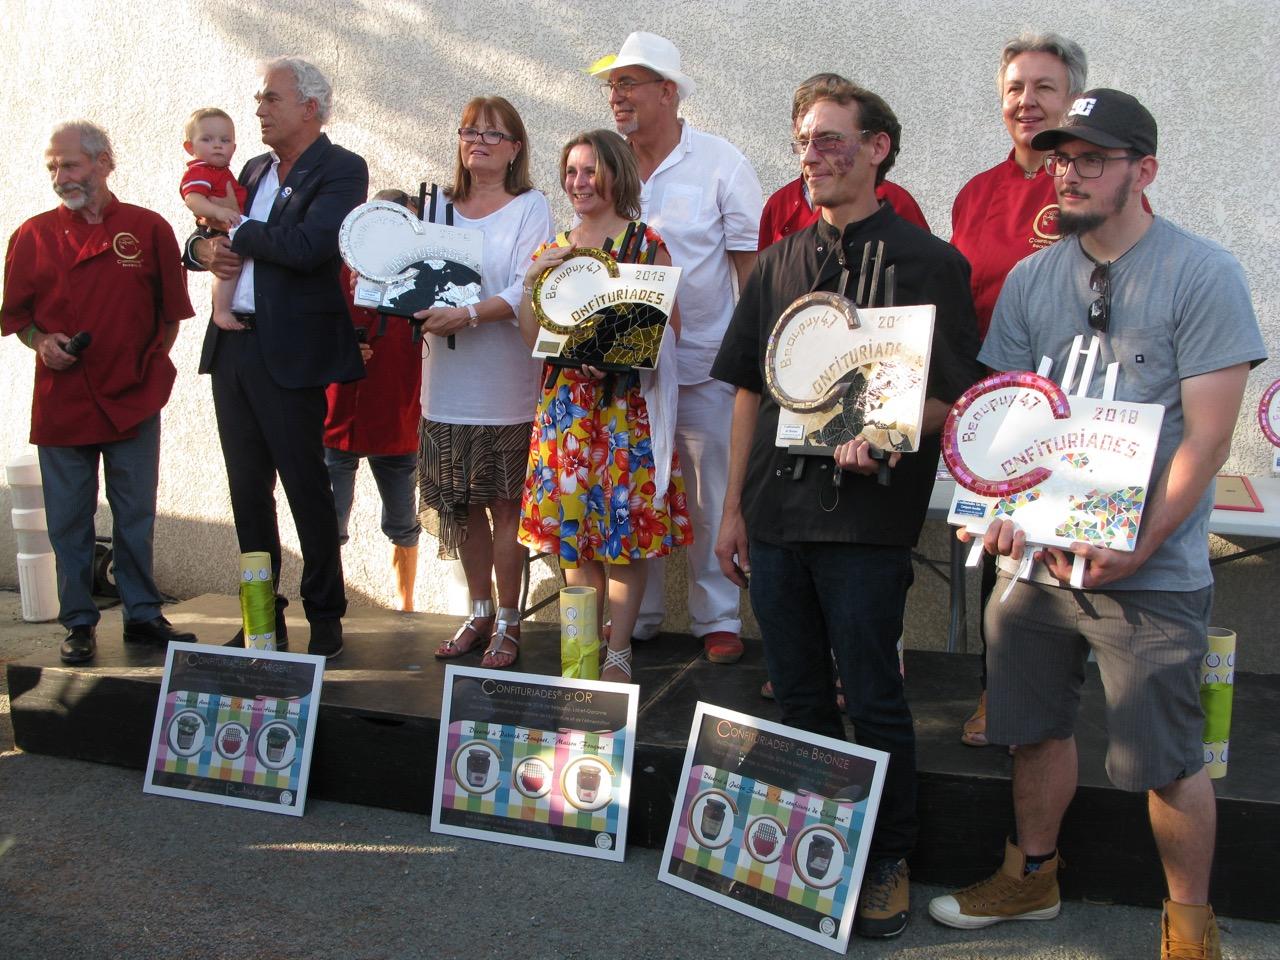 Les lauréats des CONFITURIADES de Beaupuy 2018.jpeg